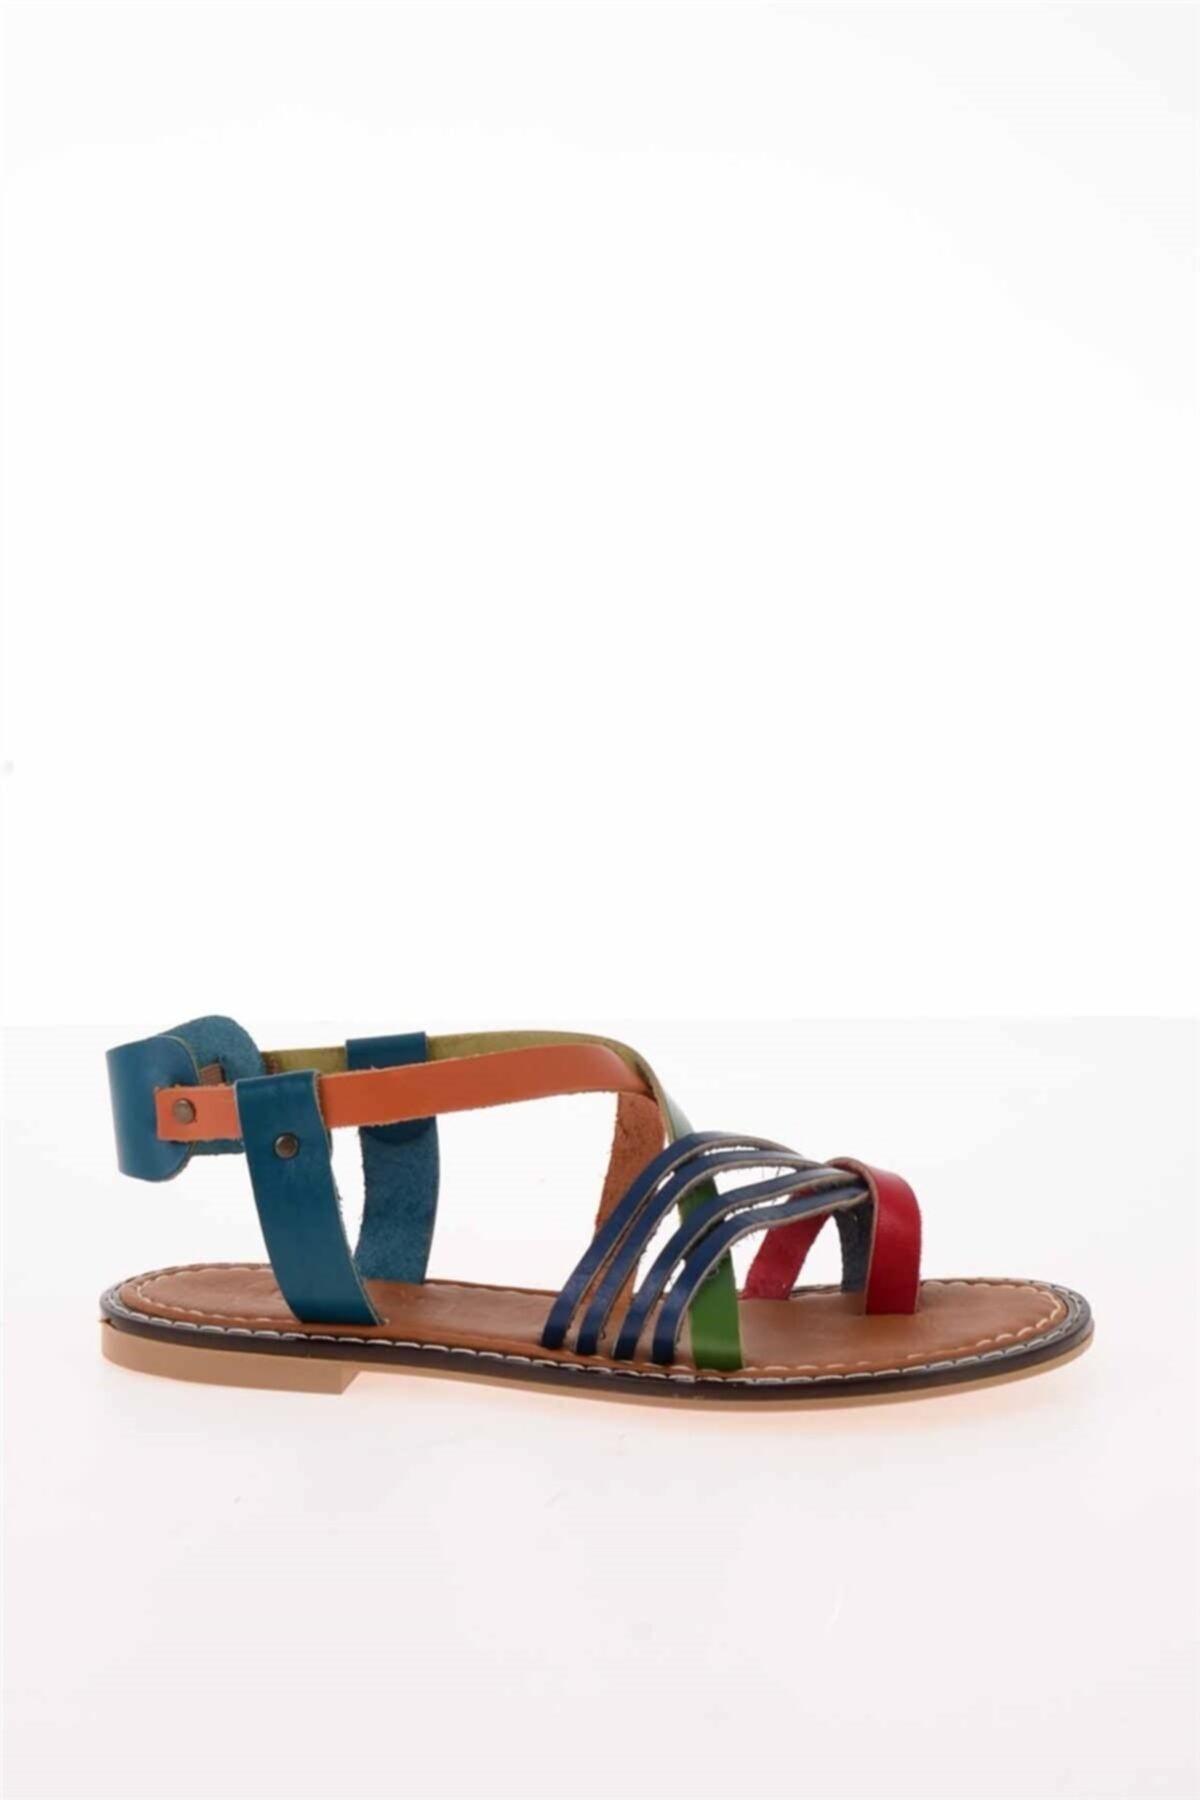 Bambi Hakiki Deri Çok Renkli Kadın Sandalet K05602808503 2